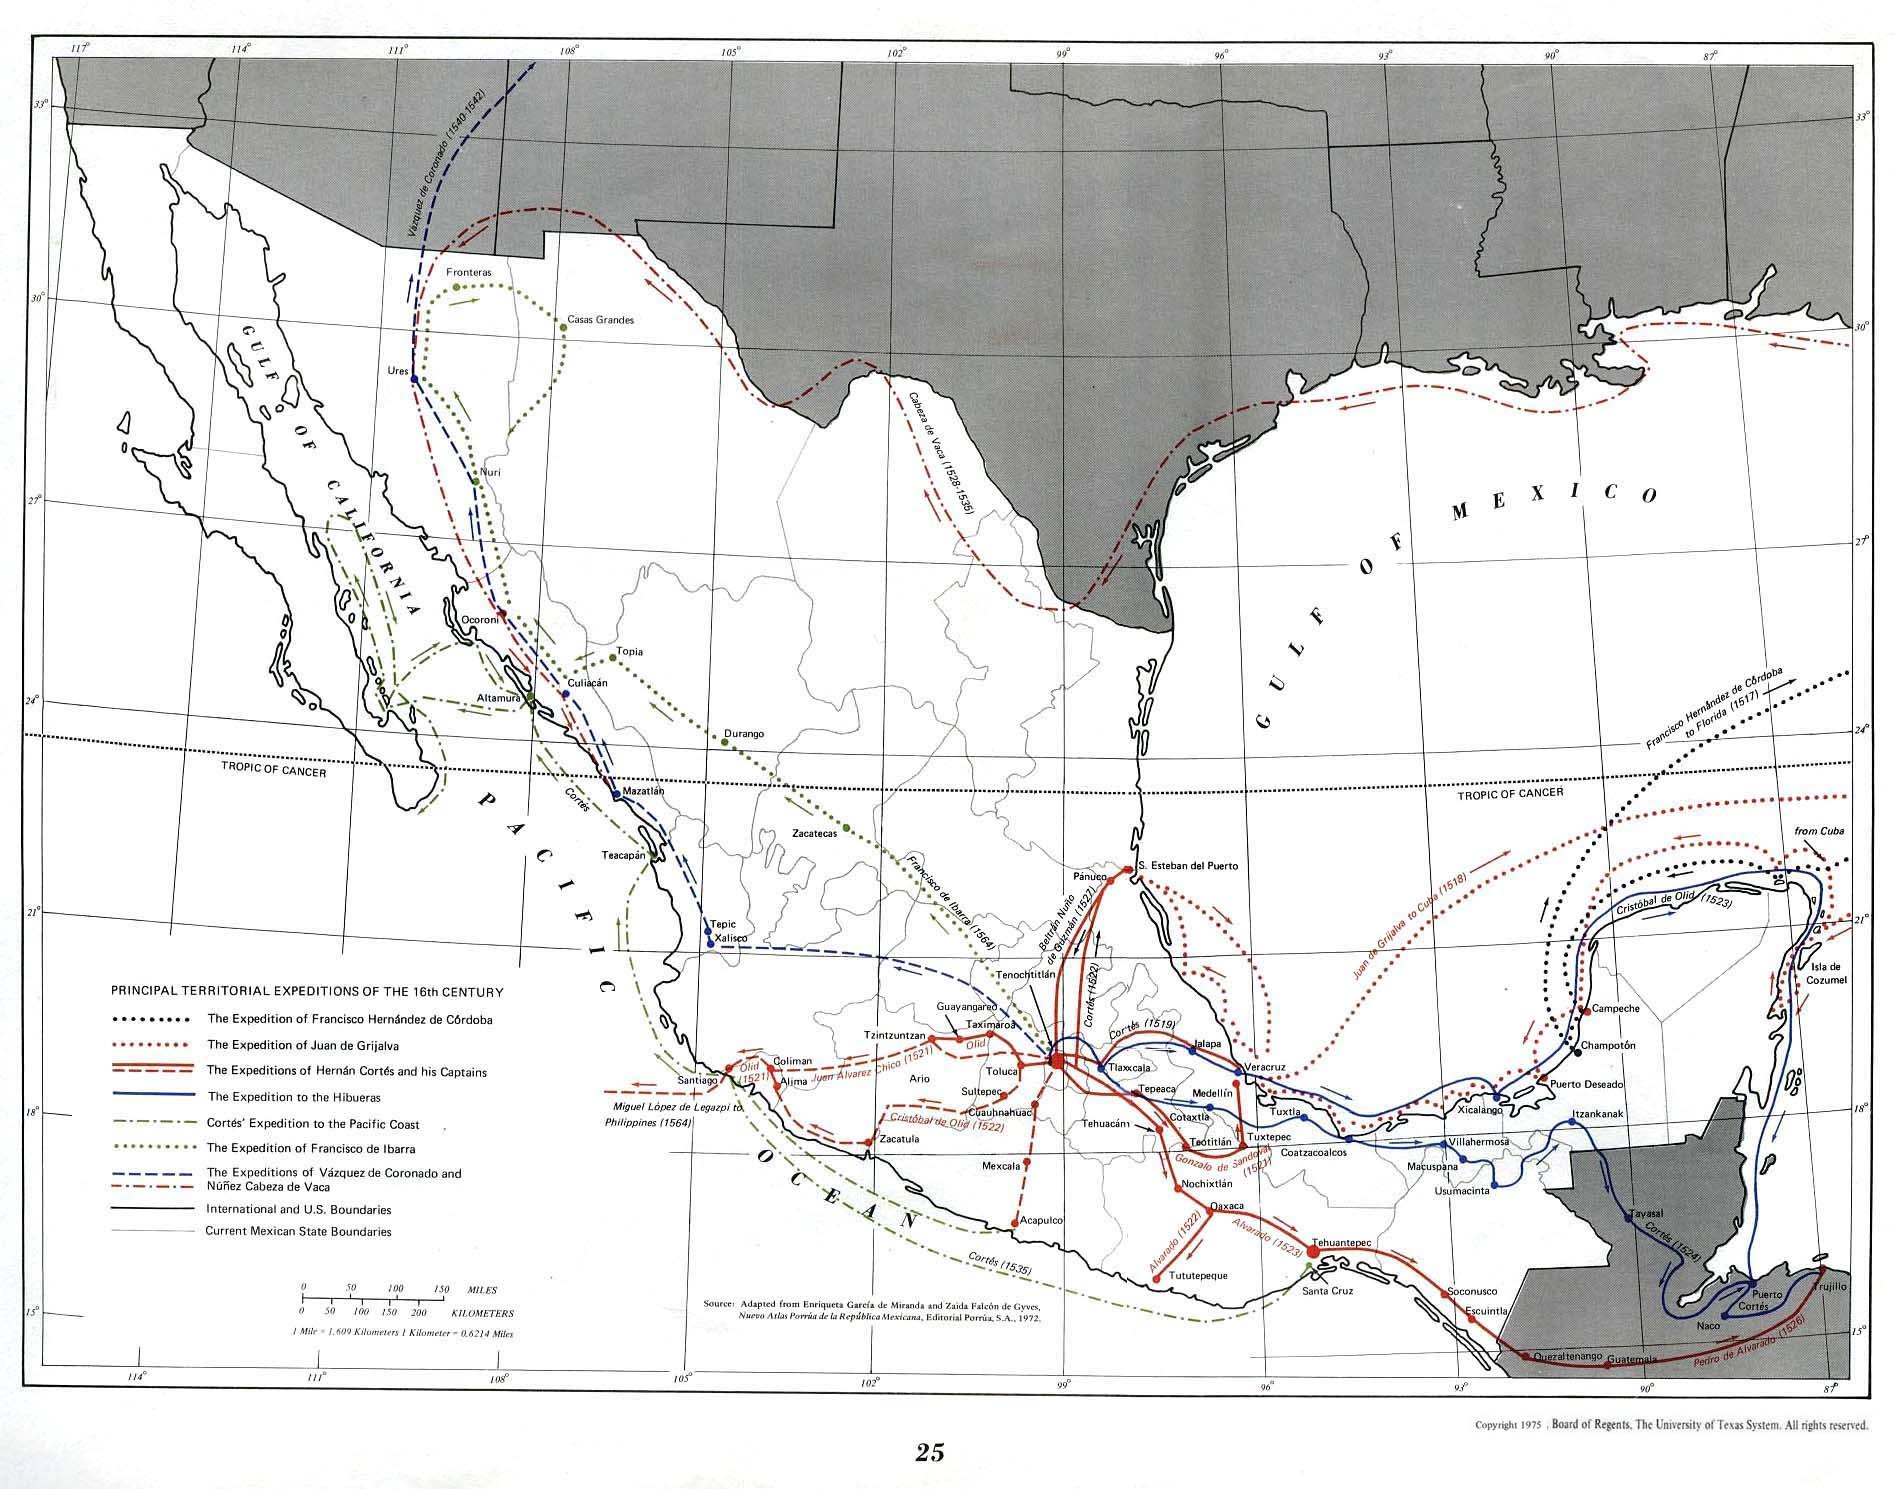 Mapa de las Principales Expediciones Territoriales del Siglo XVI, México